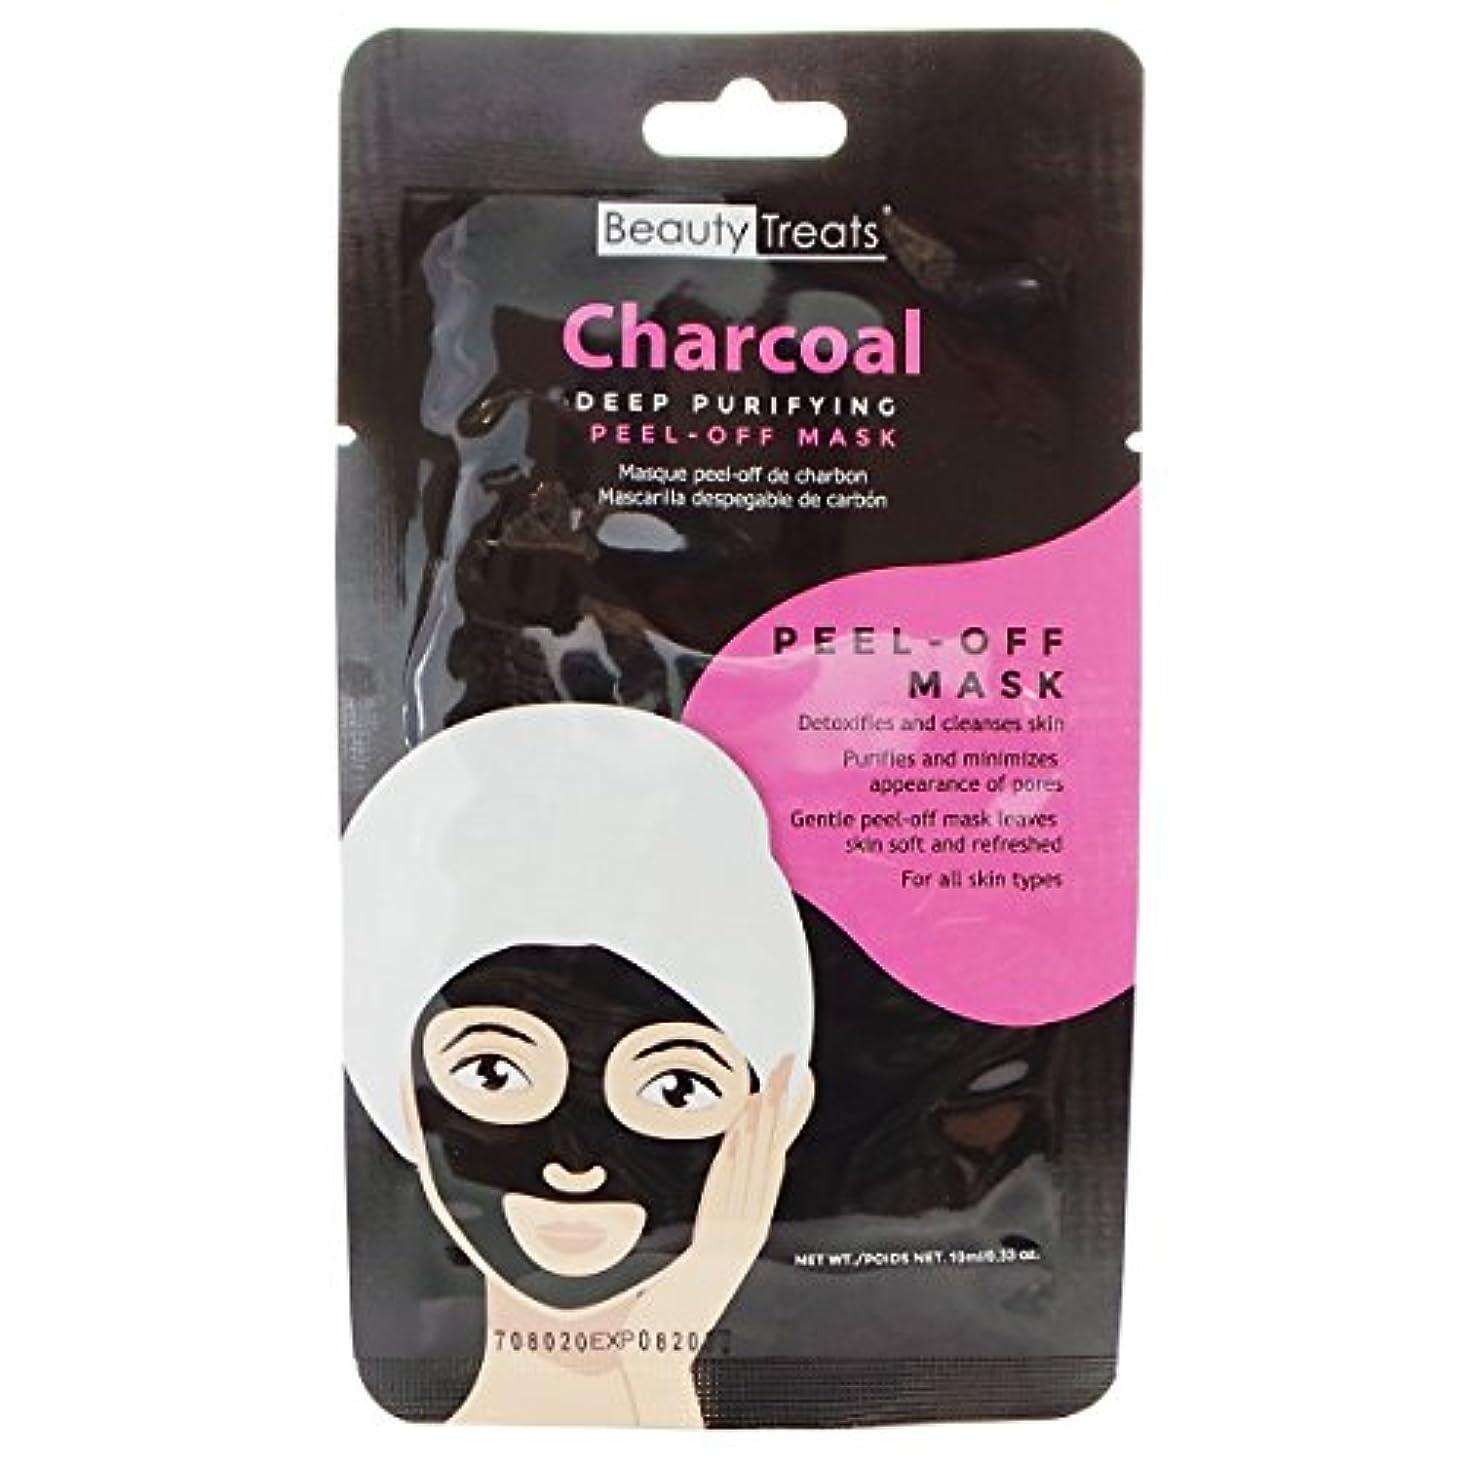 港相対性理論より多いBEAUTY TREATS Deep Purifying Peel-Off Charcoal Mask (並行輸入品)